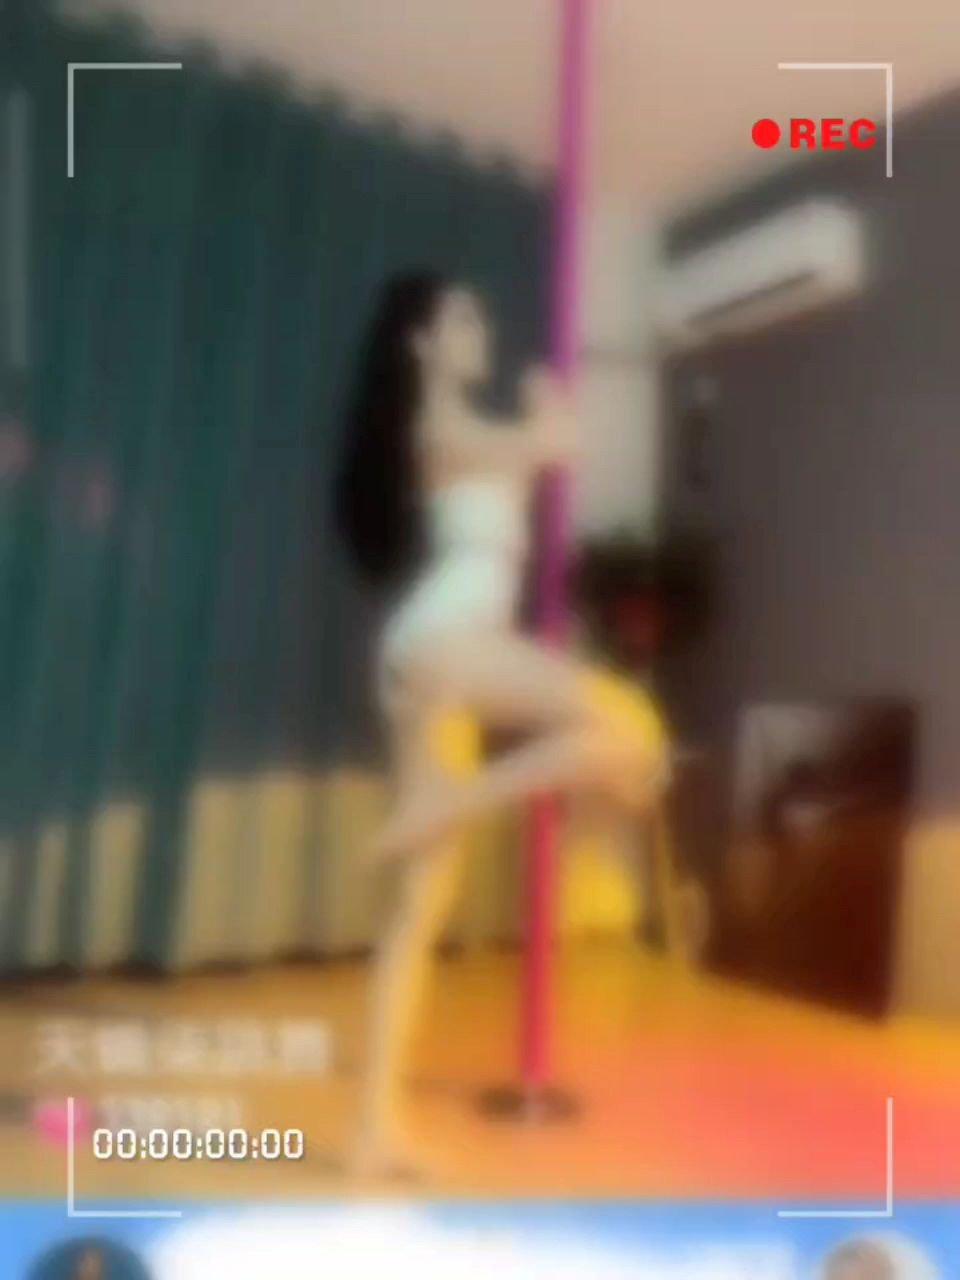 #花椒星闻 #最美天使 冠軍?@天蝎柒跳舞  2021花椒最美天使春季賽,天蝎柒@天蝎柒跳舞 十年磨一劍,专业学舞十余年,钢管舞蹈、古风舞蹈、空中舞蹈她都能轻松驾驭,十年功力尽在今晚#最美天使 賽事中满分綻放。天蝎柒以?分的最佳成績,勇奪2021花椒最美天使春季賽冠軍?,這是實力的表現,這是實至名歸的!!!恭喜恭喜@天蝎柒跳舞 。。。#一字马挑战赛 #花椒好舞蹈 #最美仙女手 #挑战小蛮腰 #又嗨又野在玩乐 #我的七星推荐主播 @花椒热点 @花椒头条